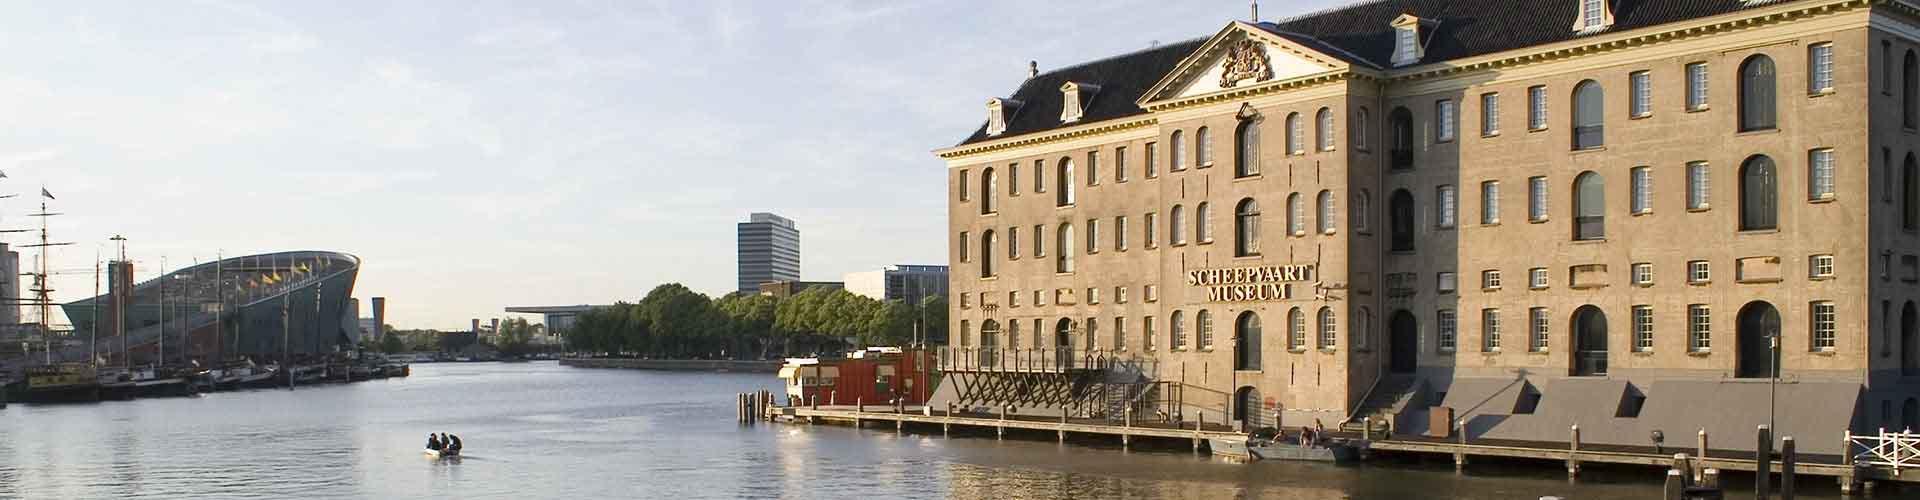 암스테르담 - 네덜란드 국립해양 역사박물관에 가까운 호스텔. 암스테르담의 지도, 암스테르담에 위치한 호스텔에 대한 사진 및 리뷰.